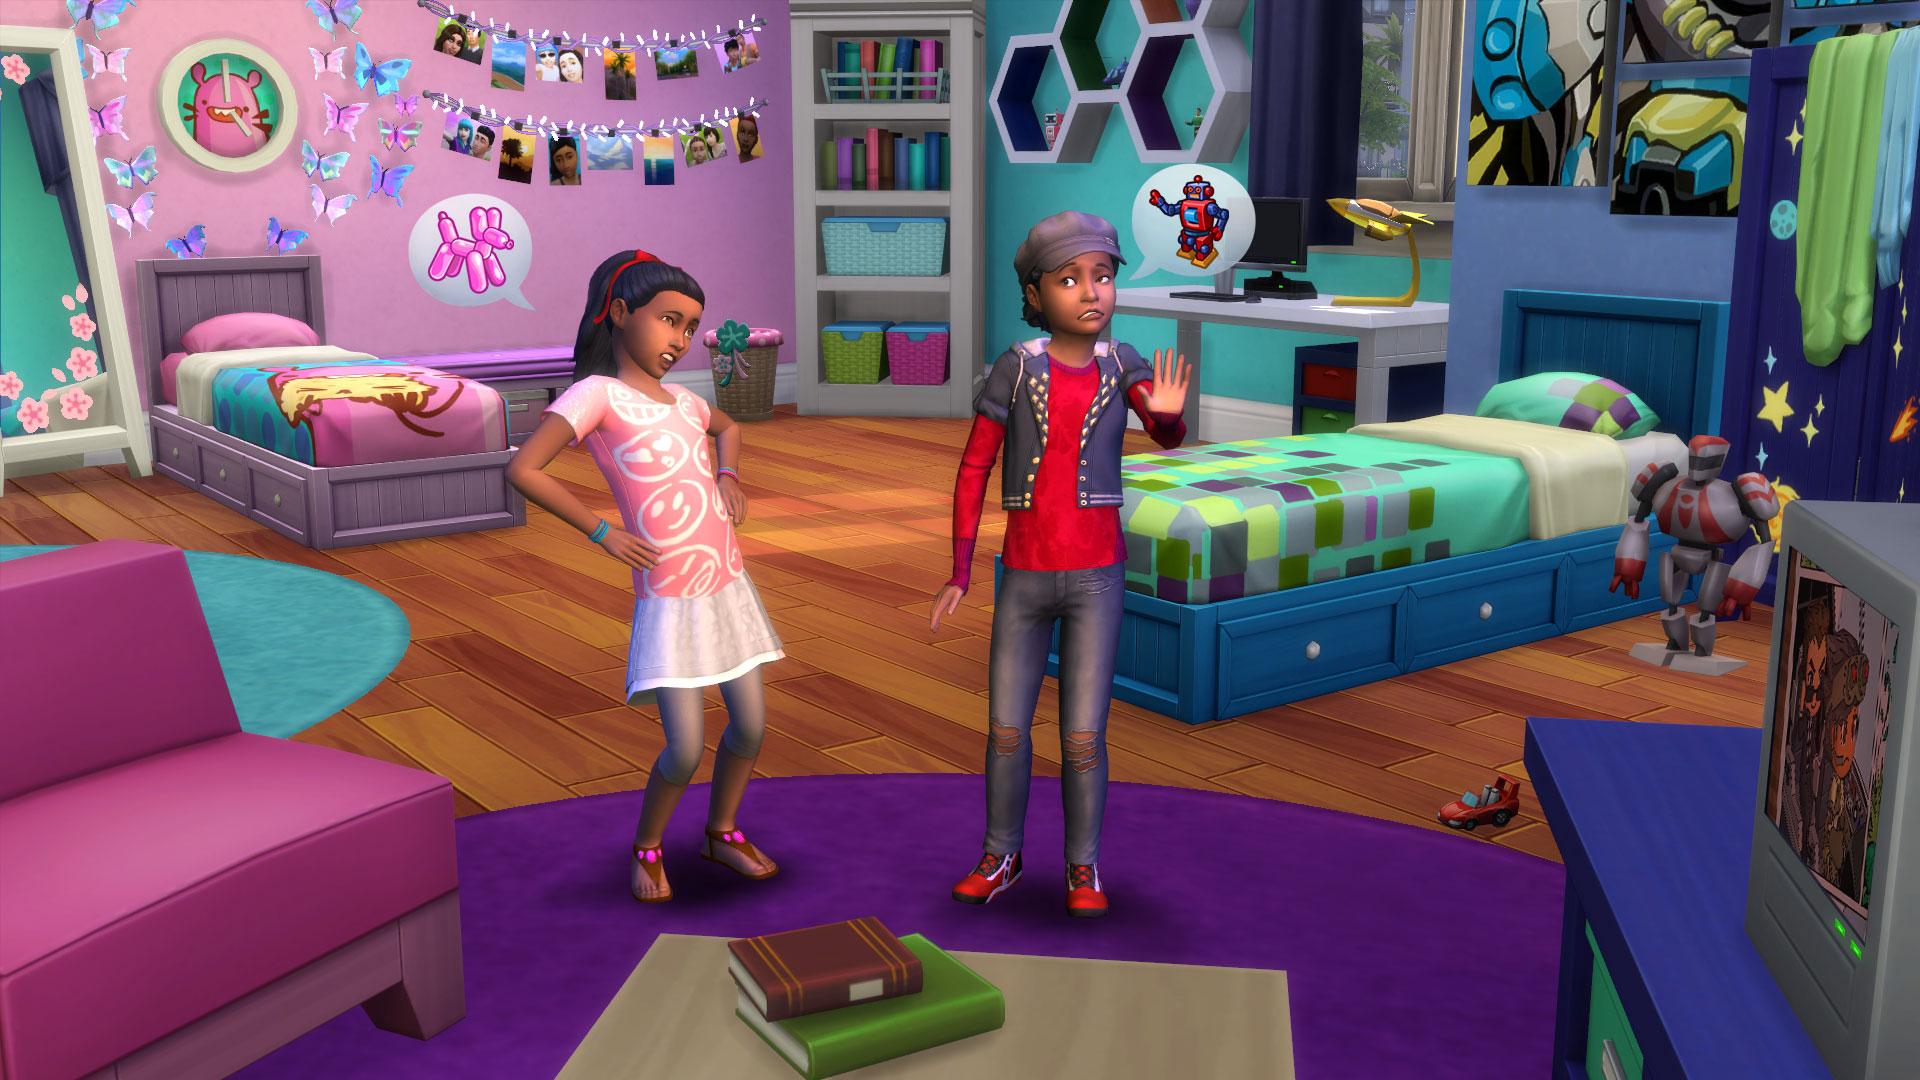 die sims 4:kinderzimmer-accessoires - neues für die lieben kleinen